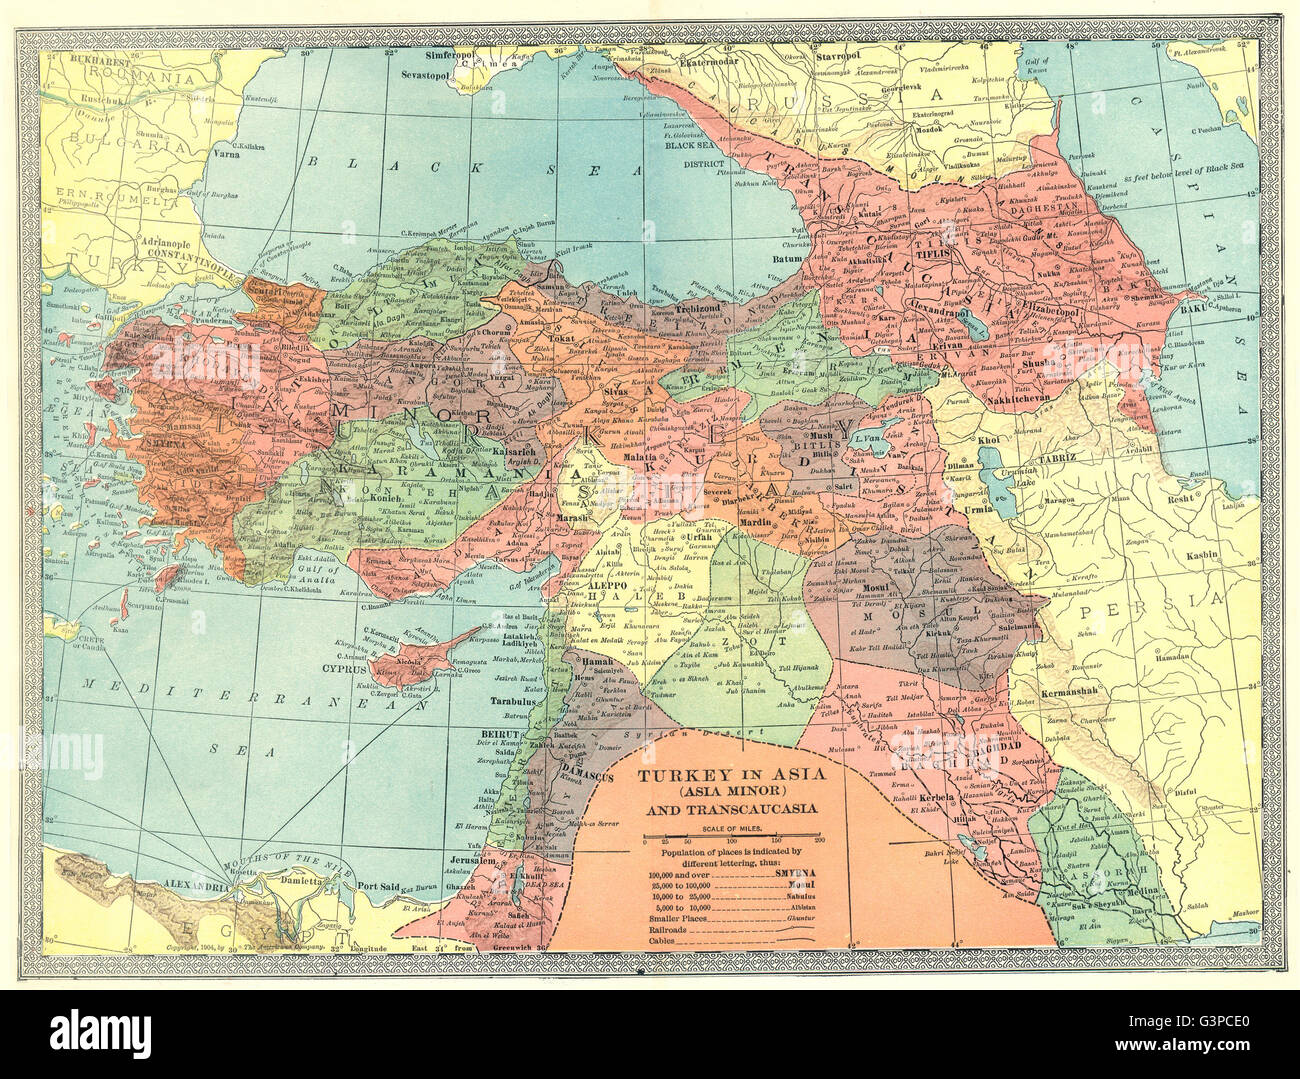 Syrien Irak Karte.Türkei In Asien Transkaukasien Levant Georgien Syrien Irak